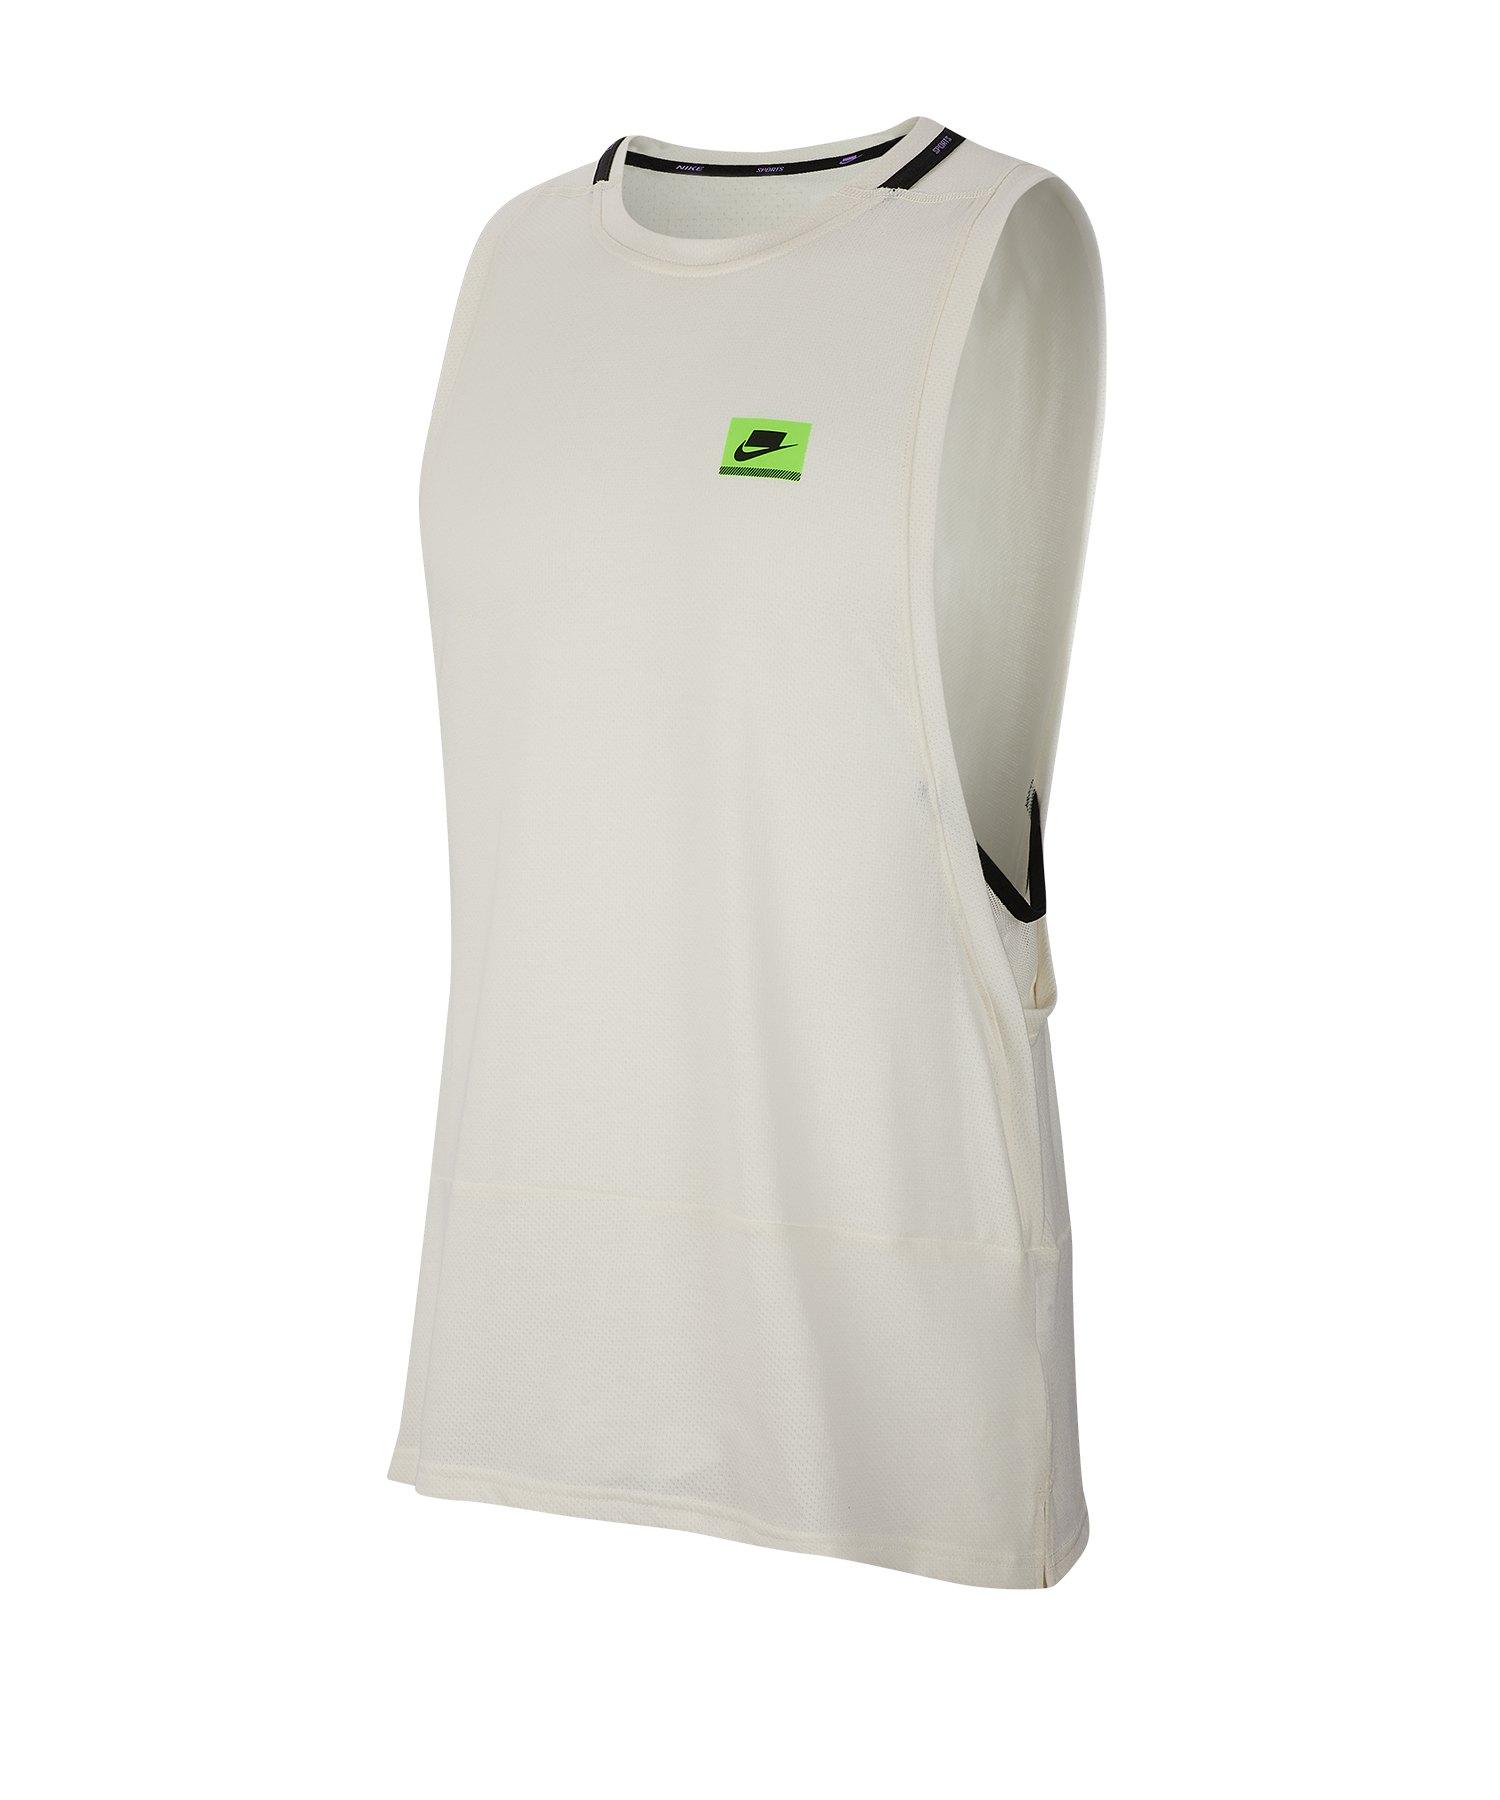 hot sale online 7c323 3d8b6 Nike Dri-FIT Training Tanktop Running Grau F110